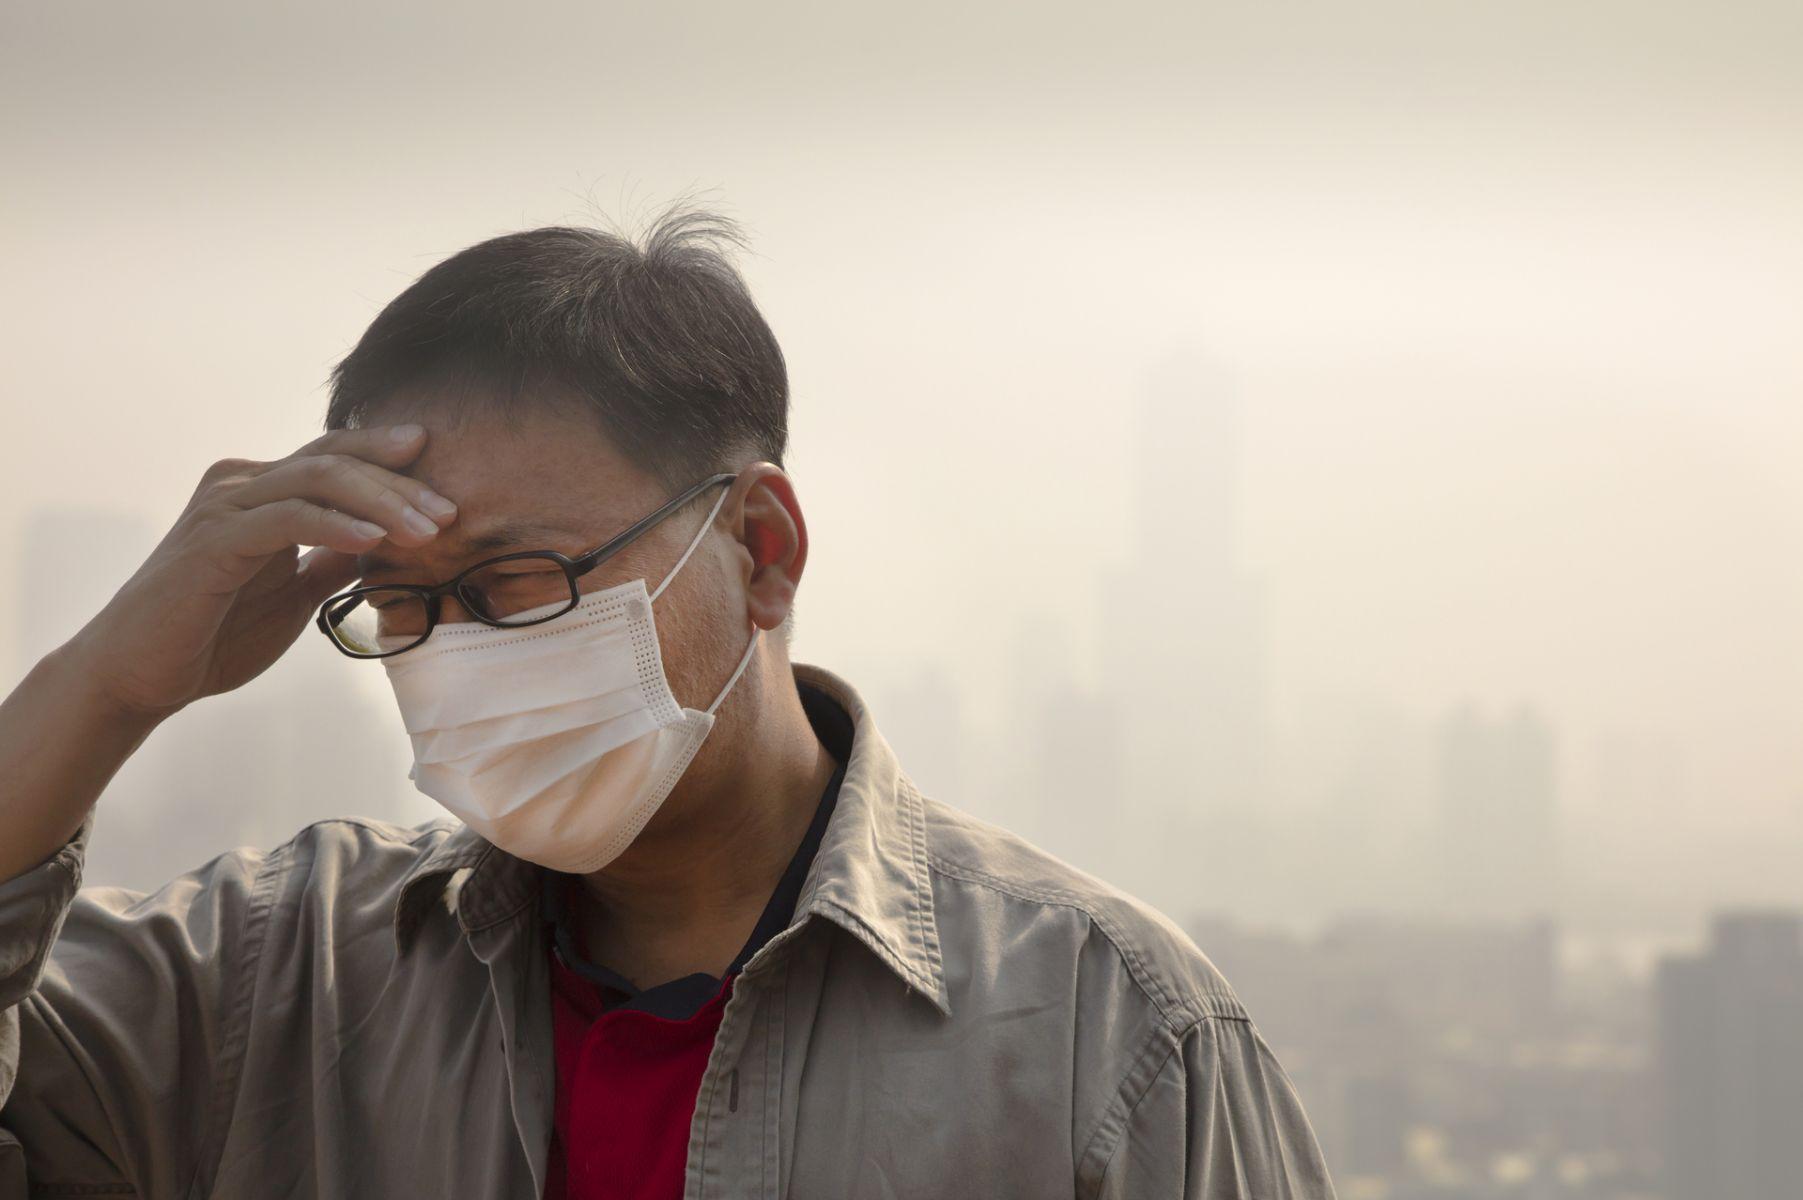 肺癌新國病 醫師分享10招有效遠離 - 今周刊